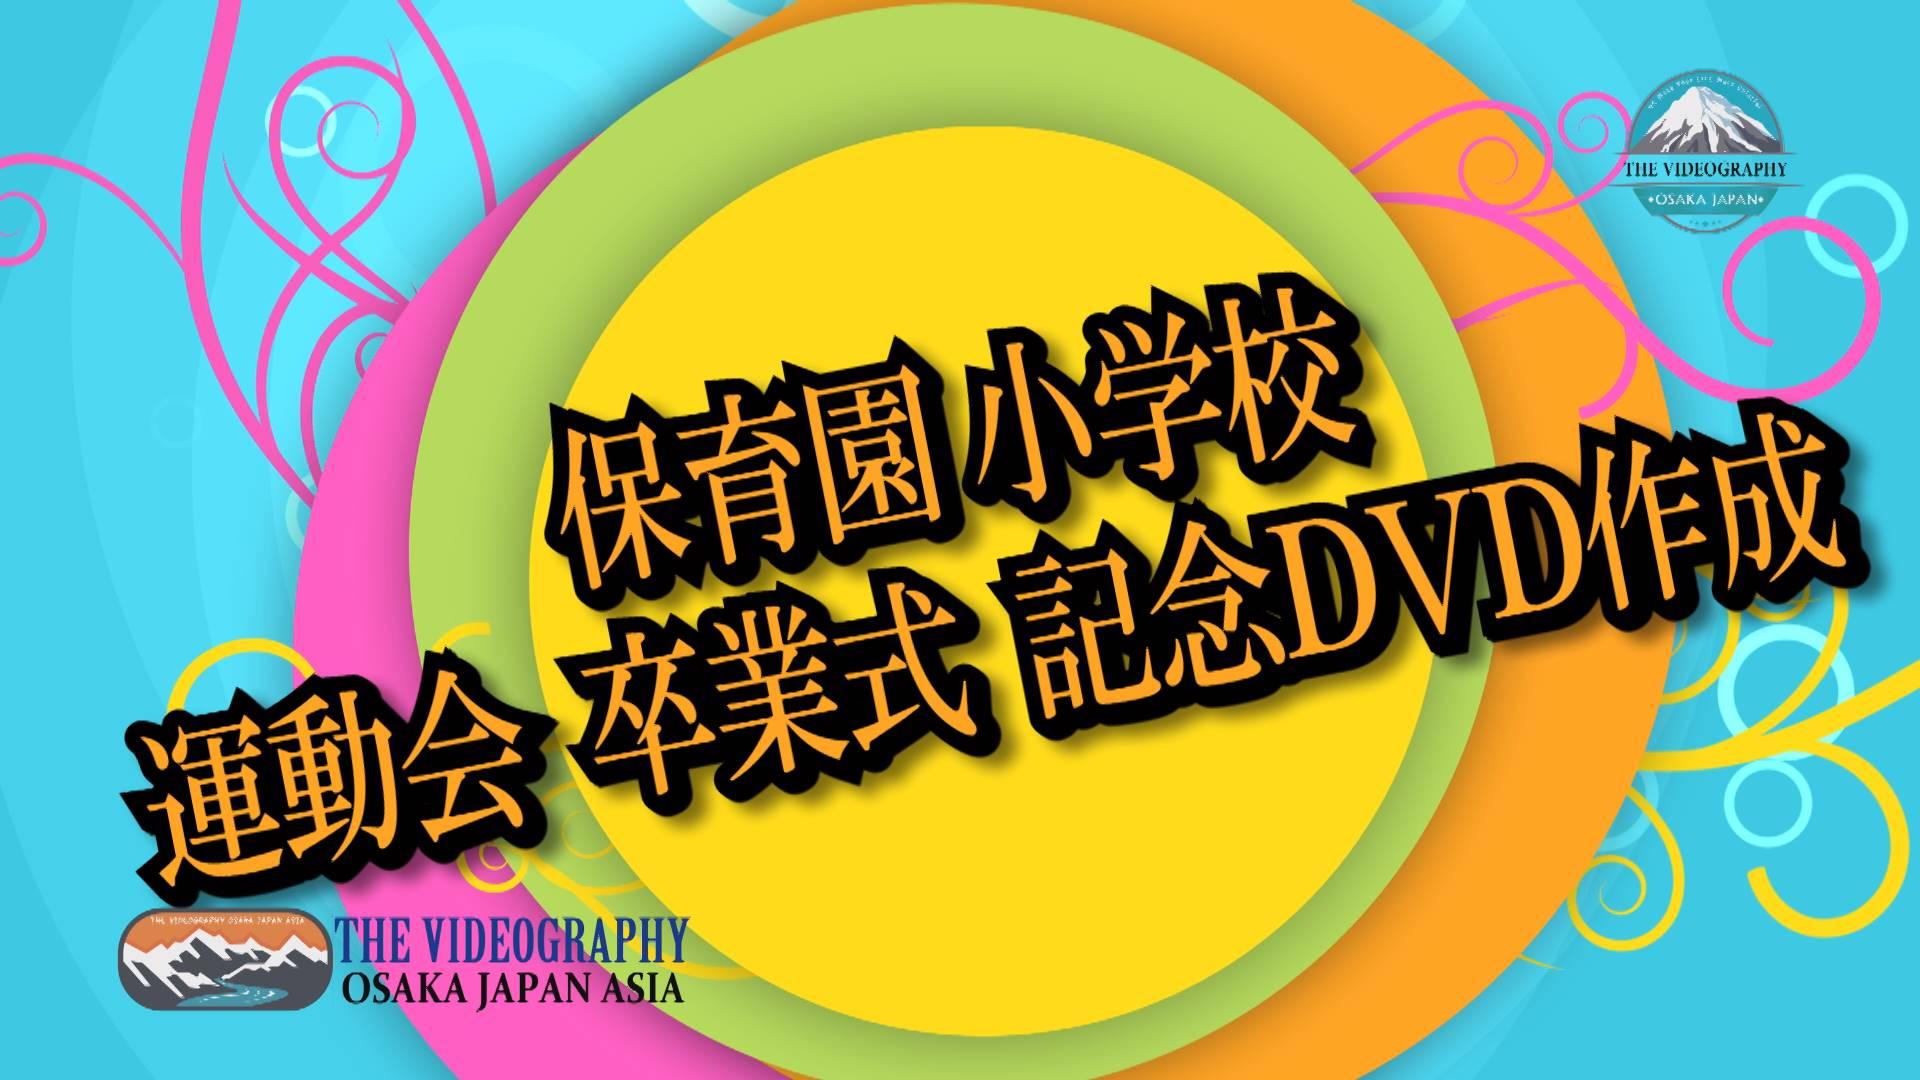 運動会 卒業式 遠足 修学旅行 文化祭のビデオ撮影 動画撮影